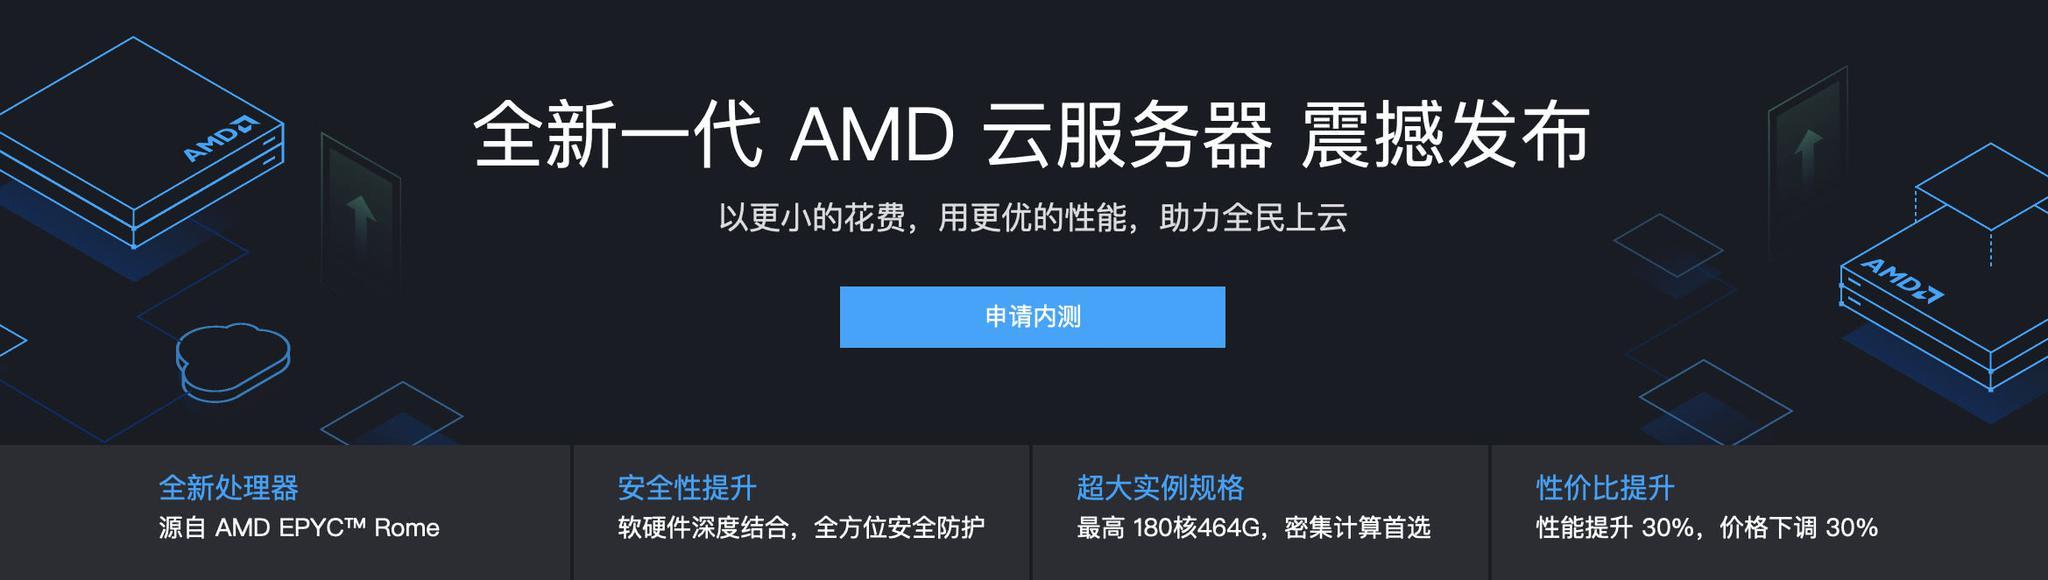 腾讯云推出新一代云服务器实例SA